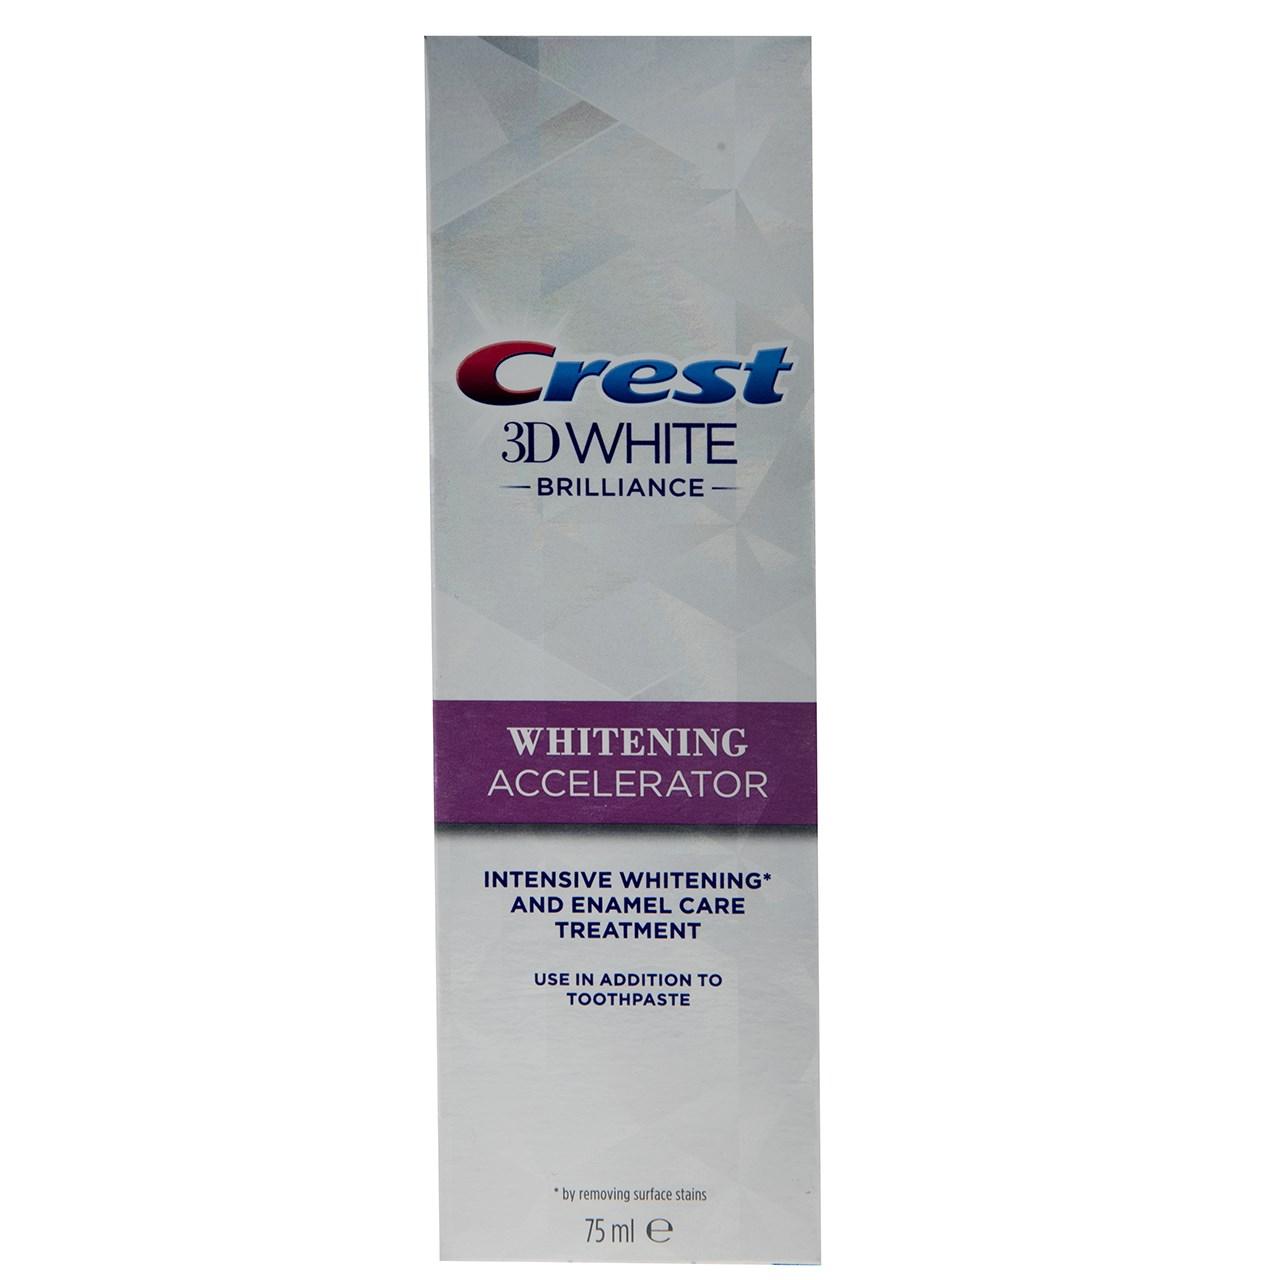 قیمت مکمل تثبیت کننده سفیدی دندان کرست سری 3D White Brilliance حجم 75 میلی لیتر